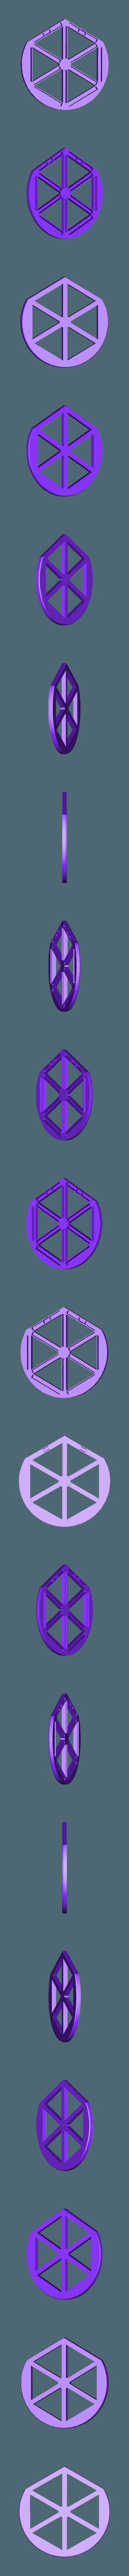 Catan_2_Magnet_Holder_6x3mm.stl Télécharger fichier STL gratuit Base magnétique Catan Aimants cylindriques 6x3 mm • Objet pour imprimante 3D, Nacelle